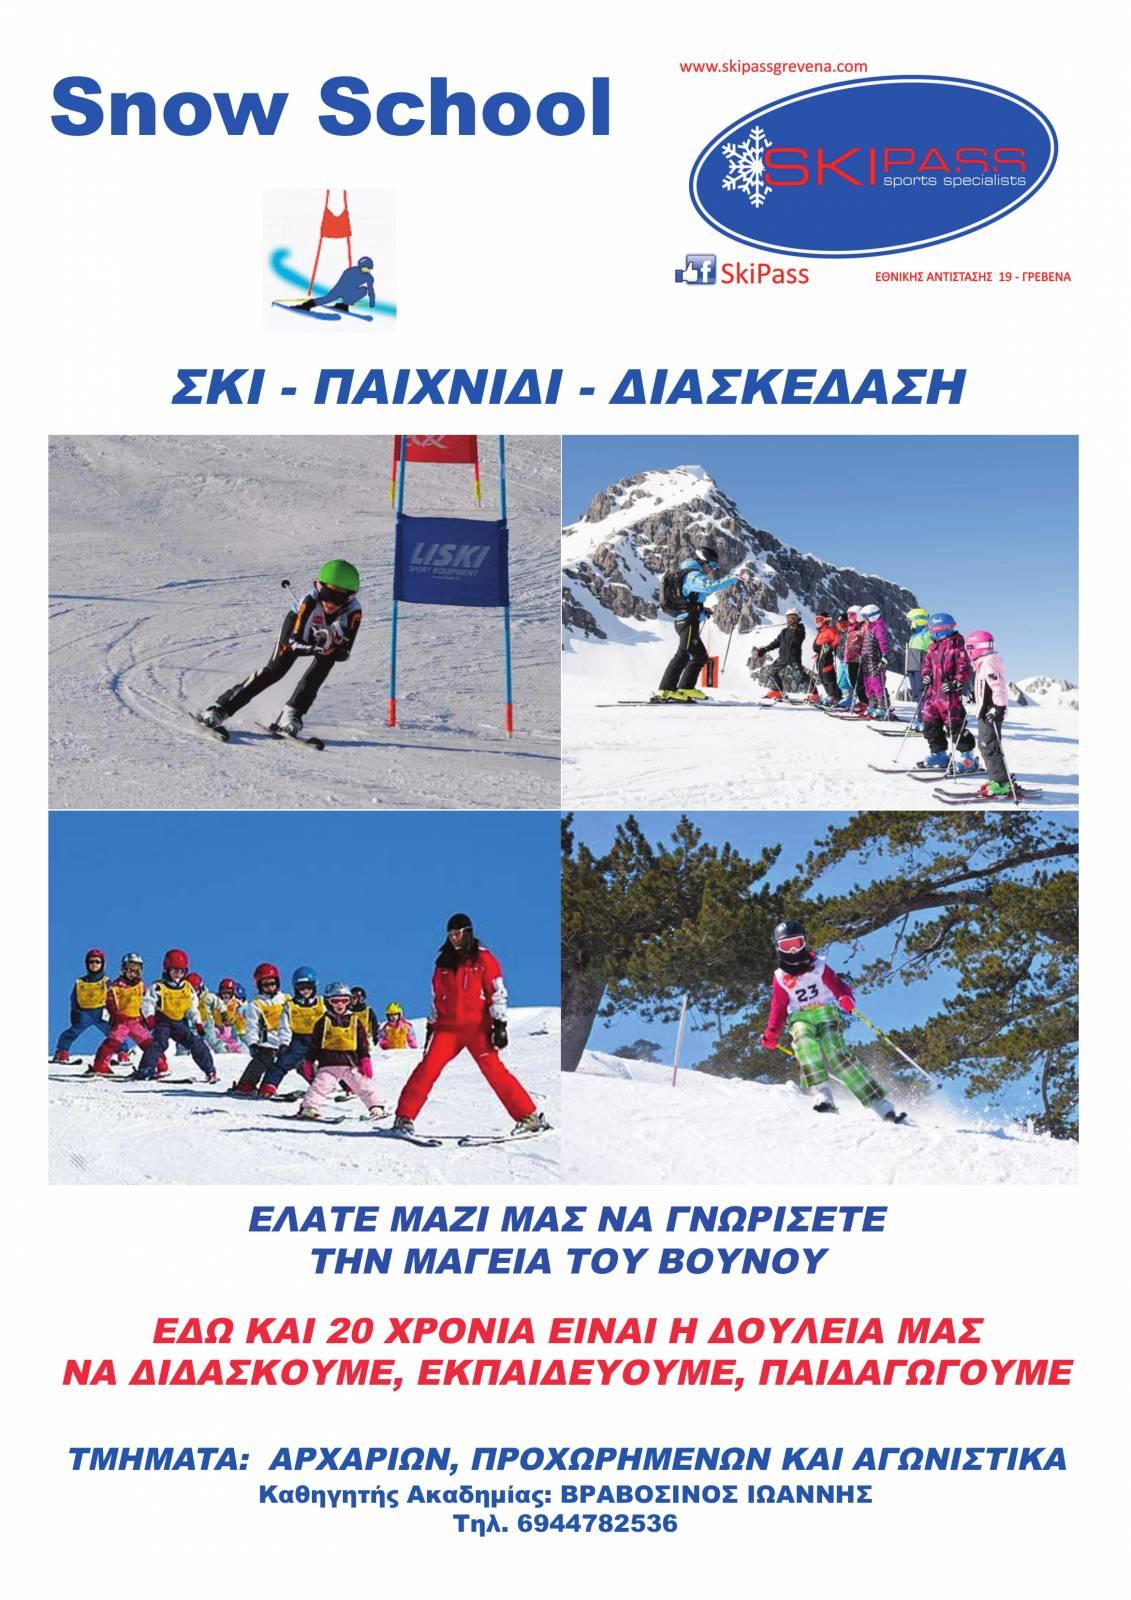 Βασιλίτσα Γρεβενών:Snow school με τμήματα για αρχάριους,προχωρημένους και αγωνιστικά